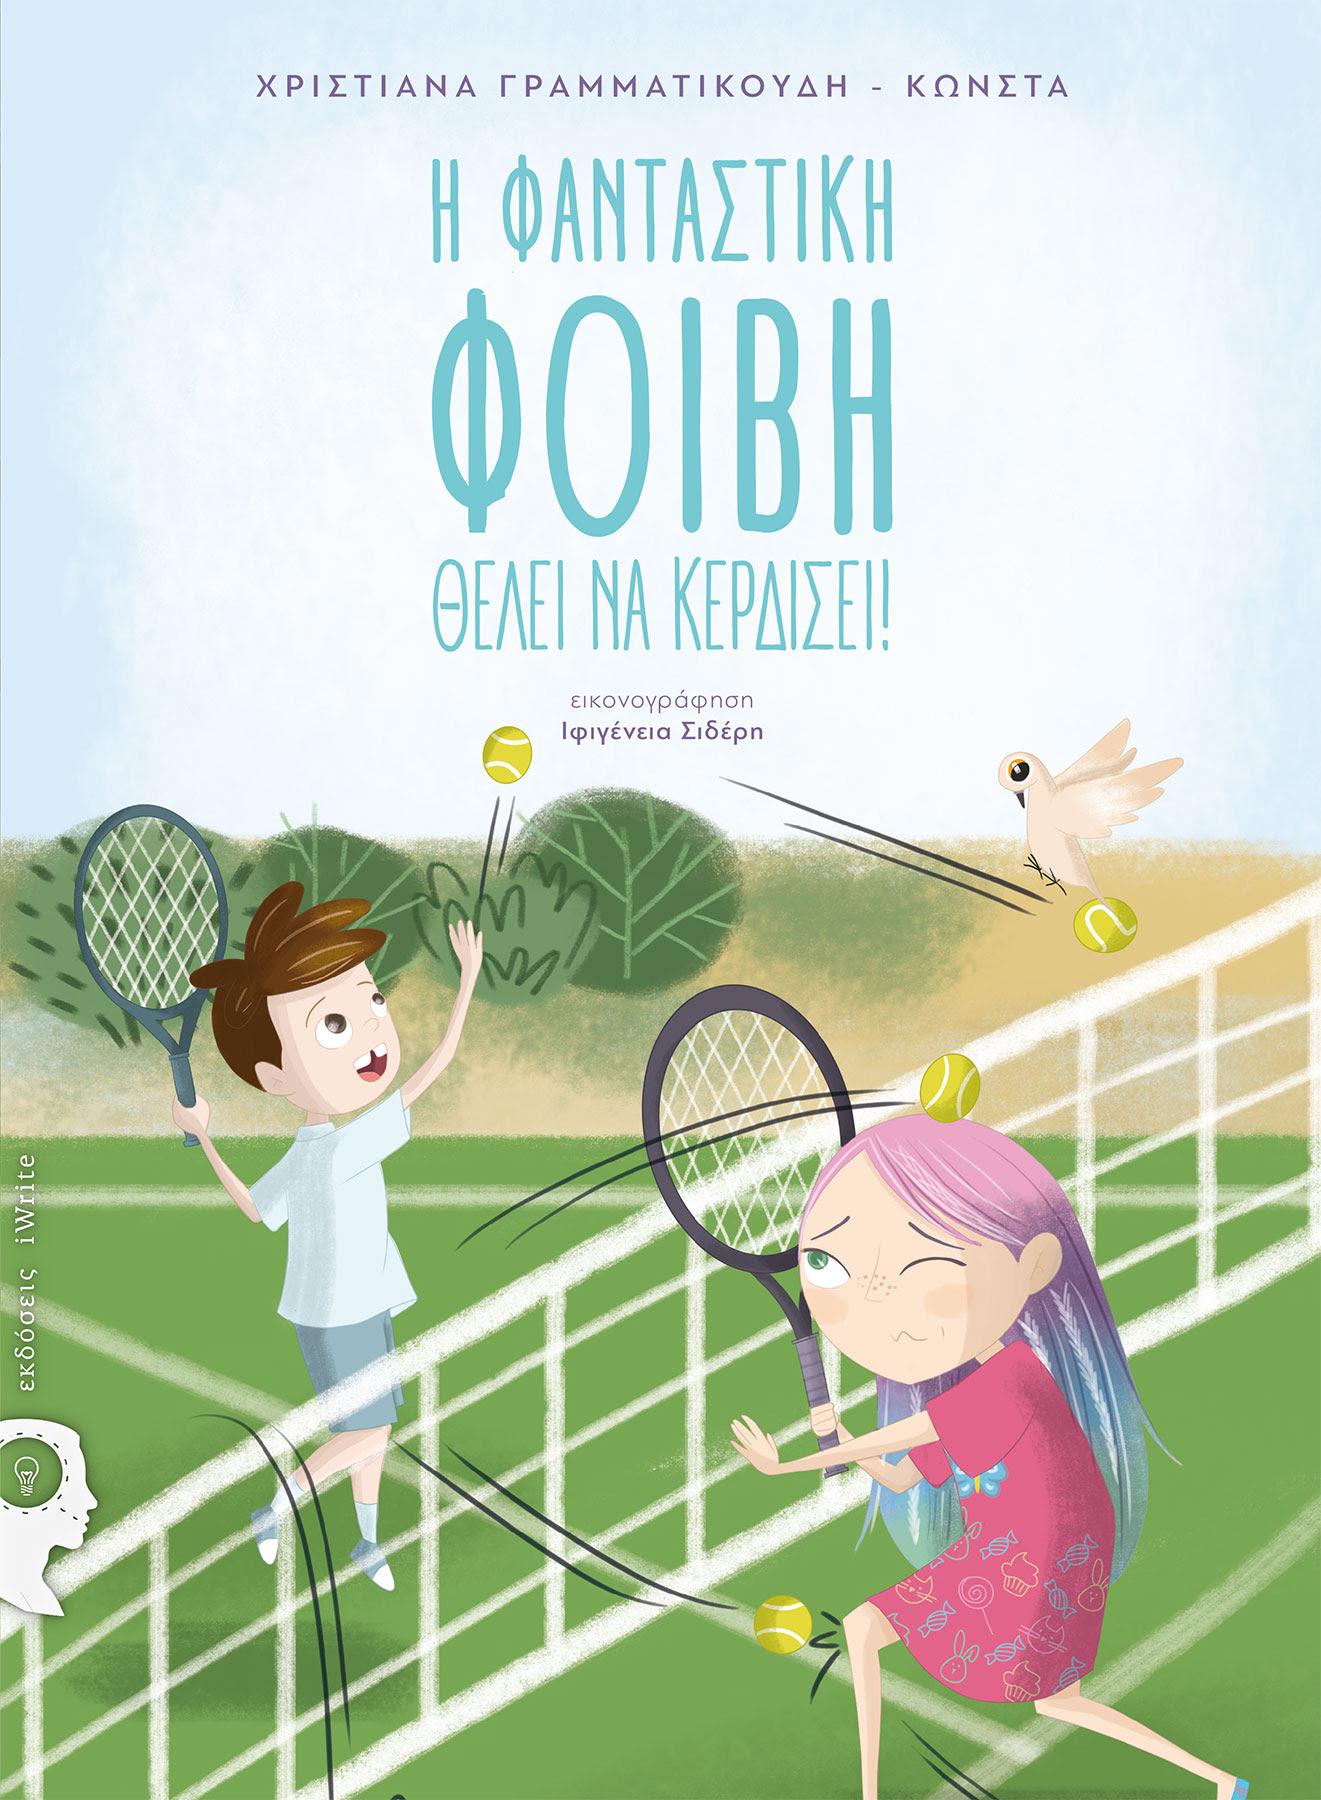 Νέες Κυκλοφορίες παιδικών βιβλίων από τις εκδόσεις iWrite